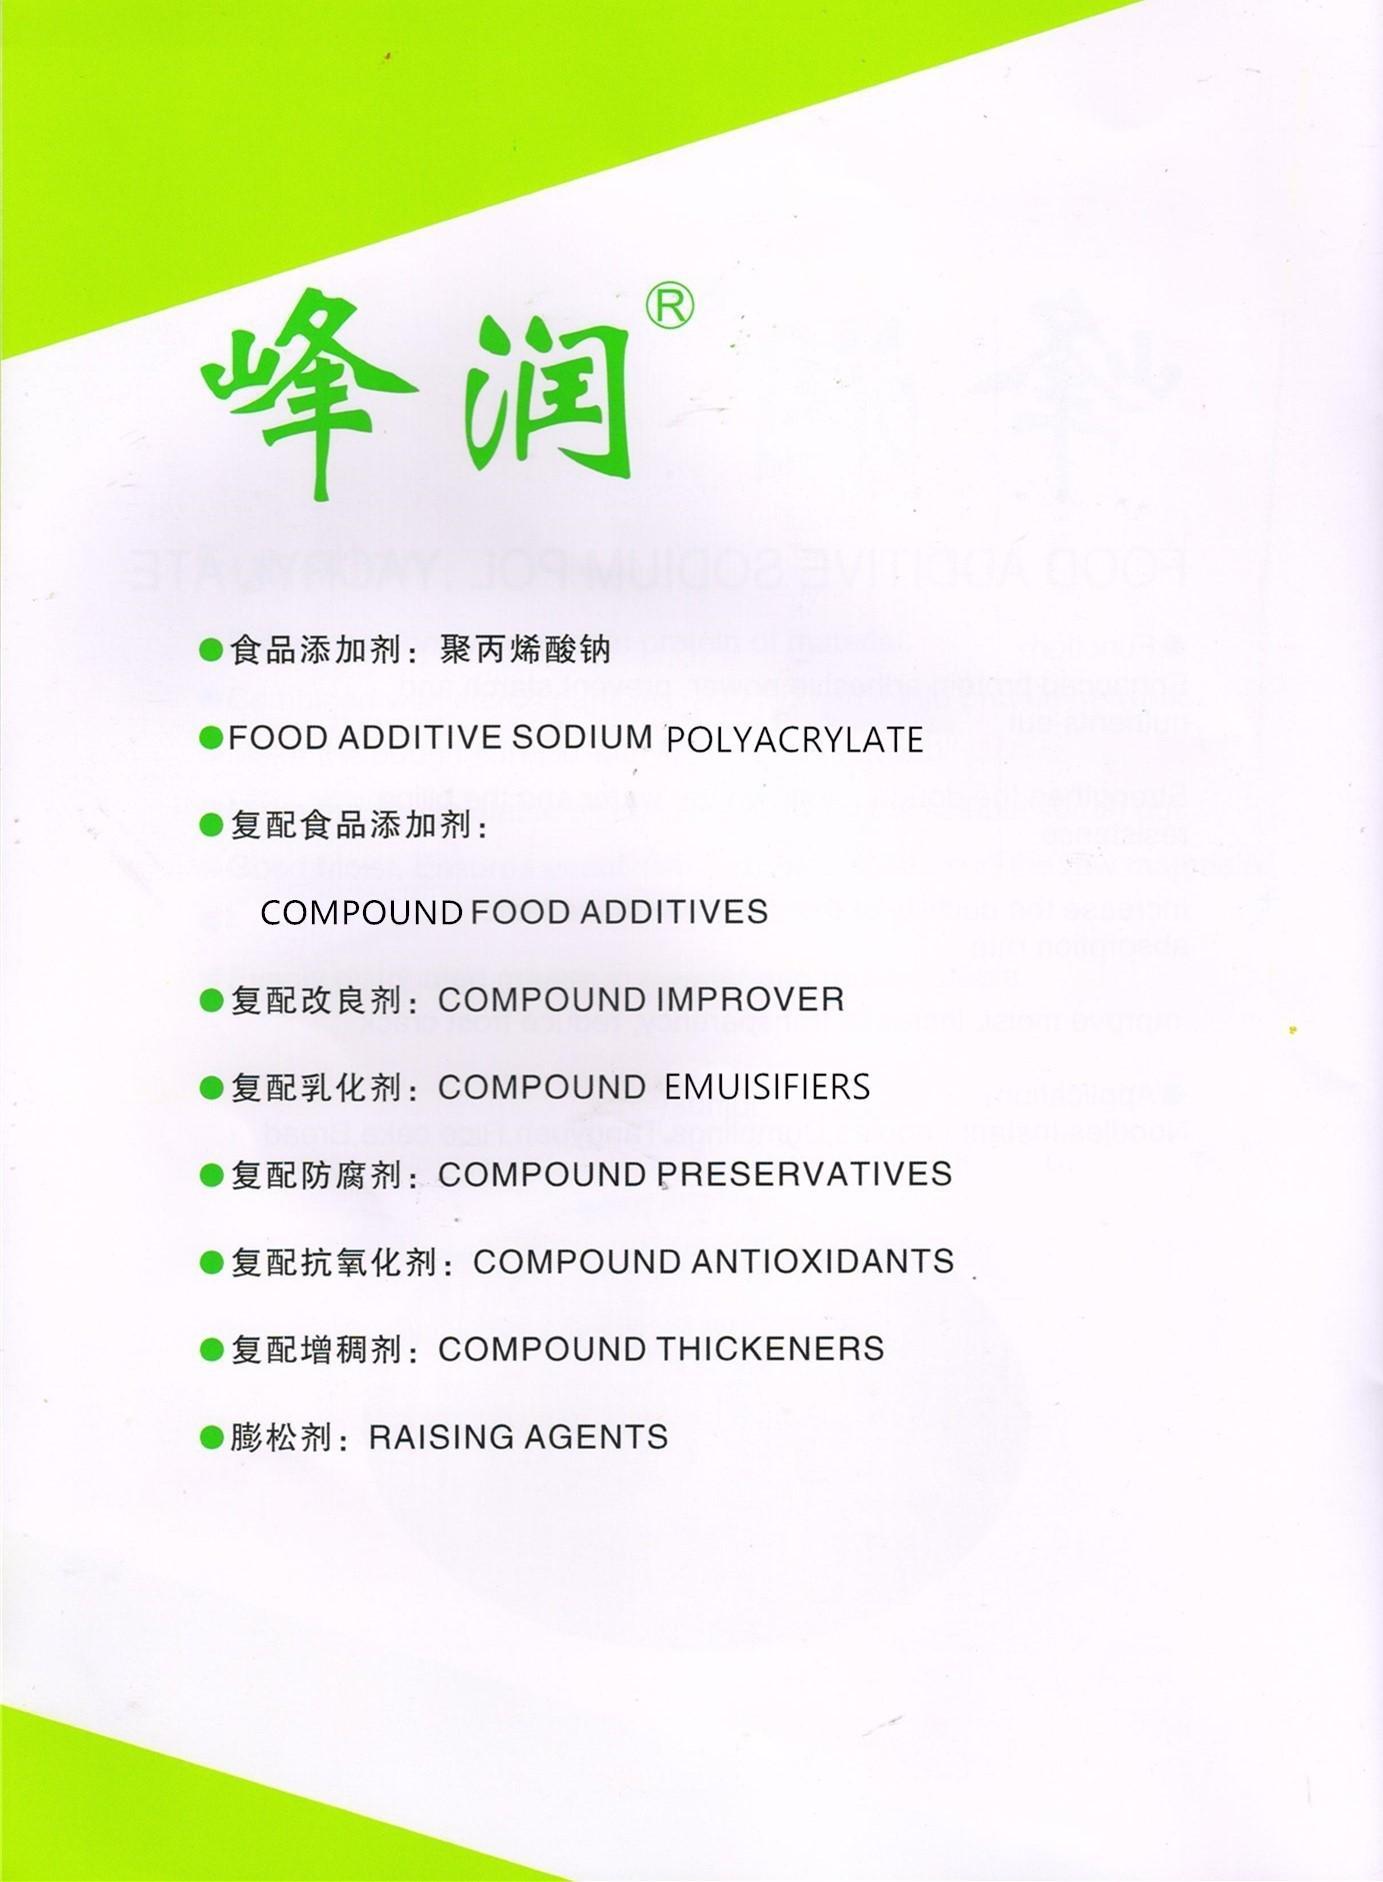 面制品改良剂复配食品改良剂 3